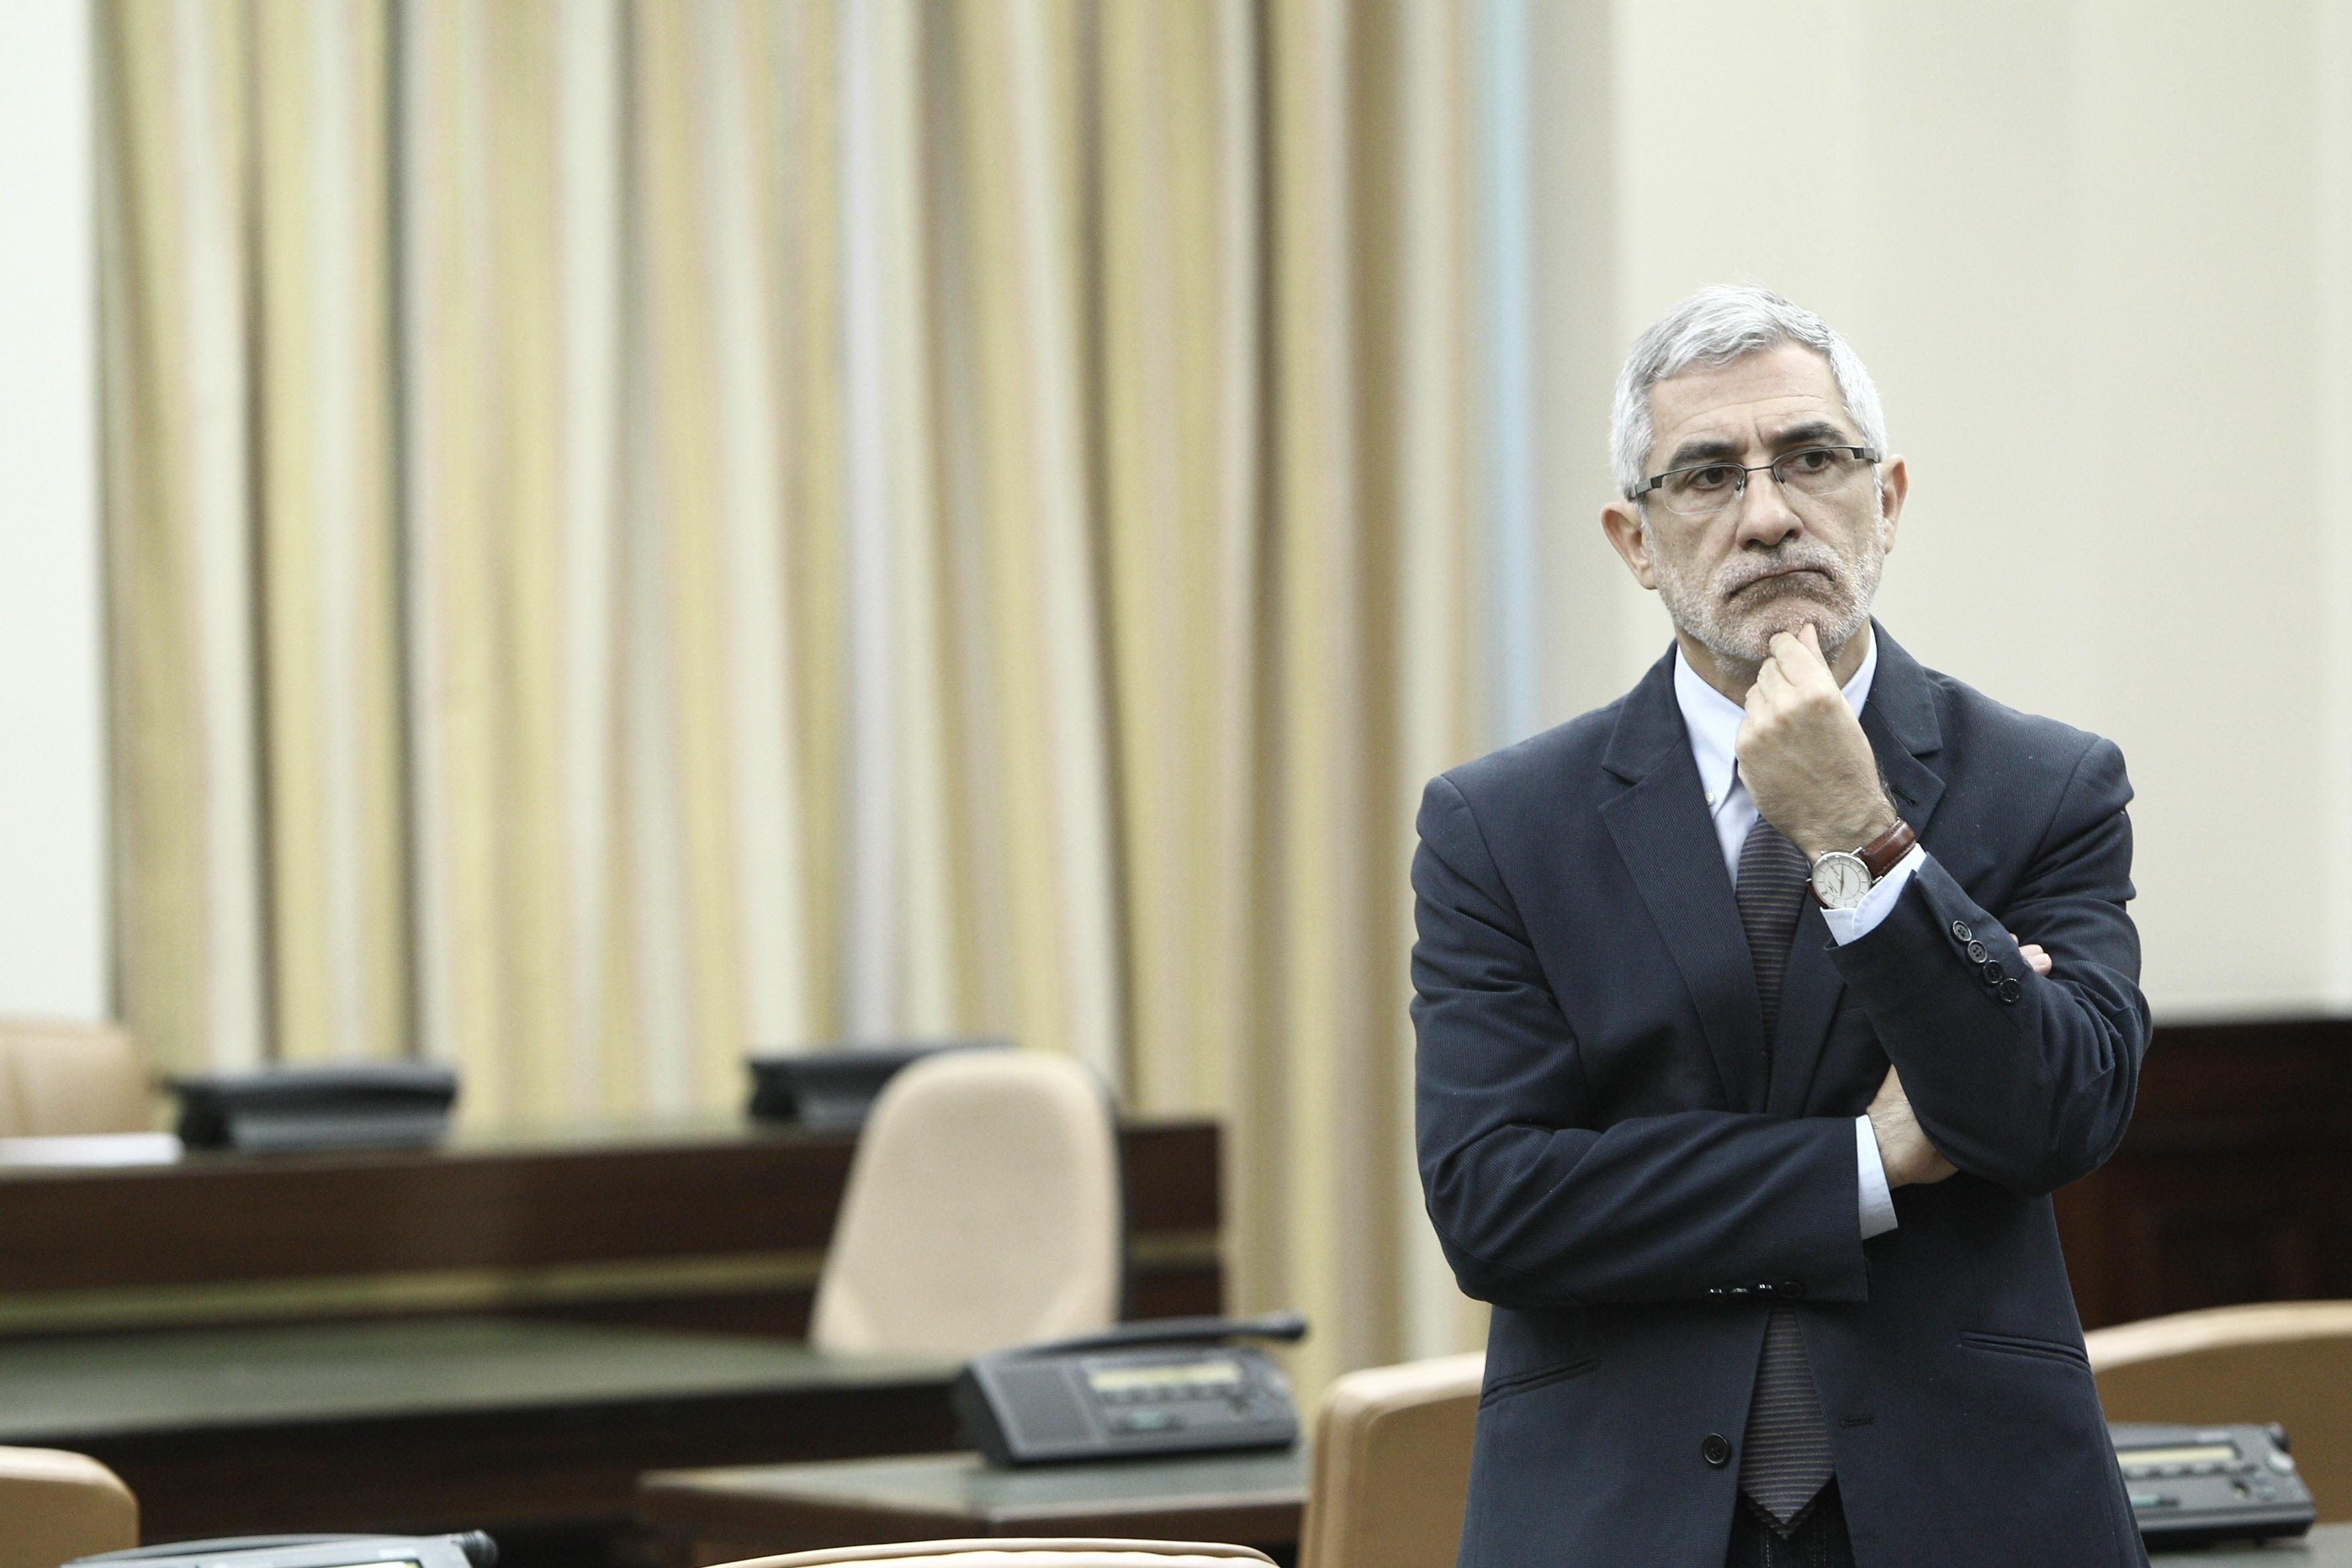 Llamazares cree que IU no debe conformarse con lograr más diputados y tiene que buscar «cambiar la política»